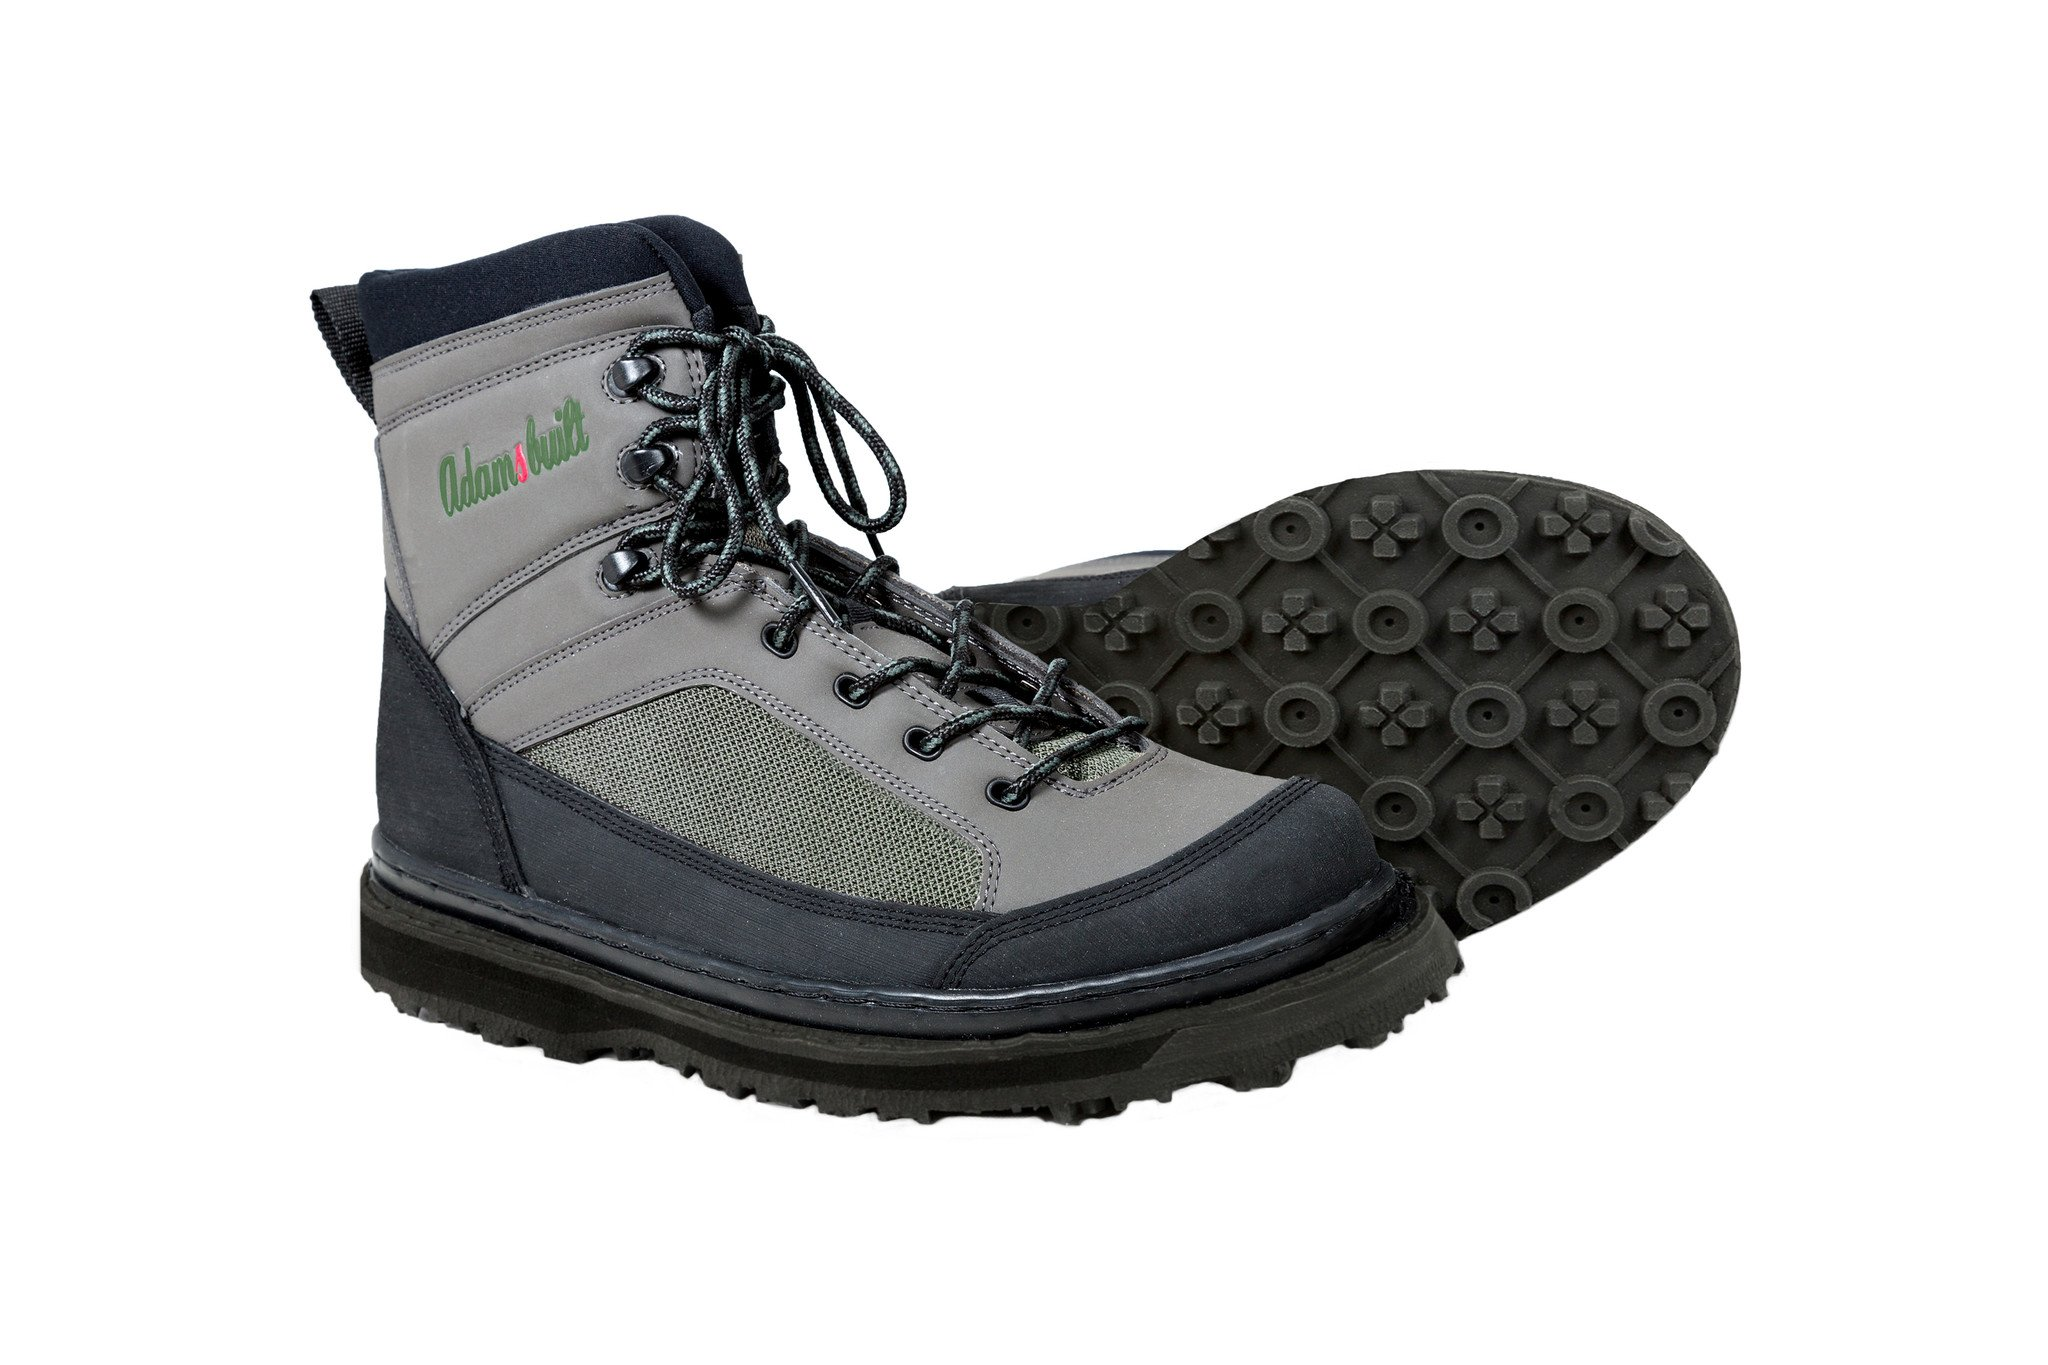 Adamsbuilt Ultralight Wader Boots for Fly Fishing